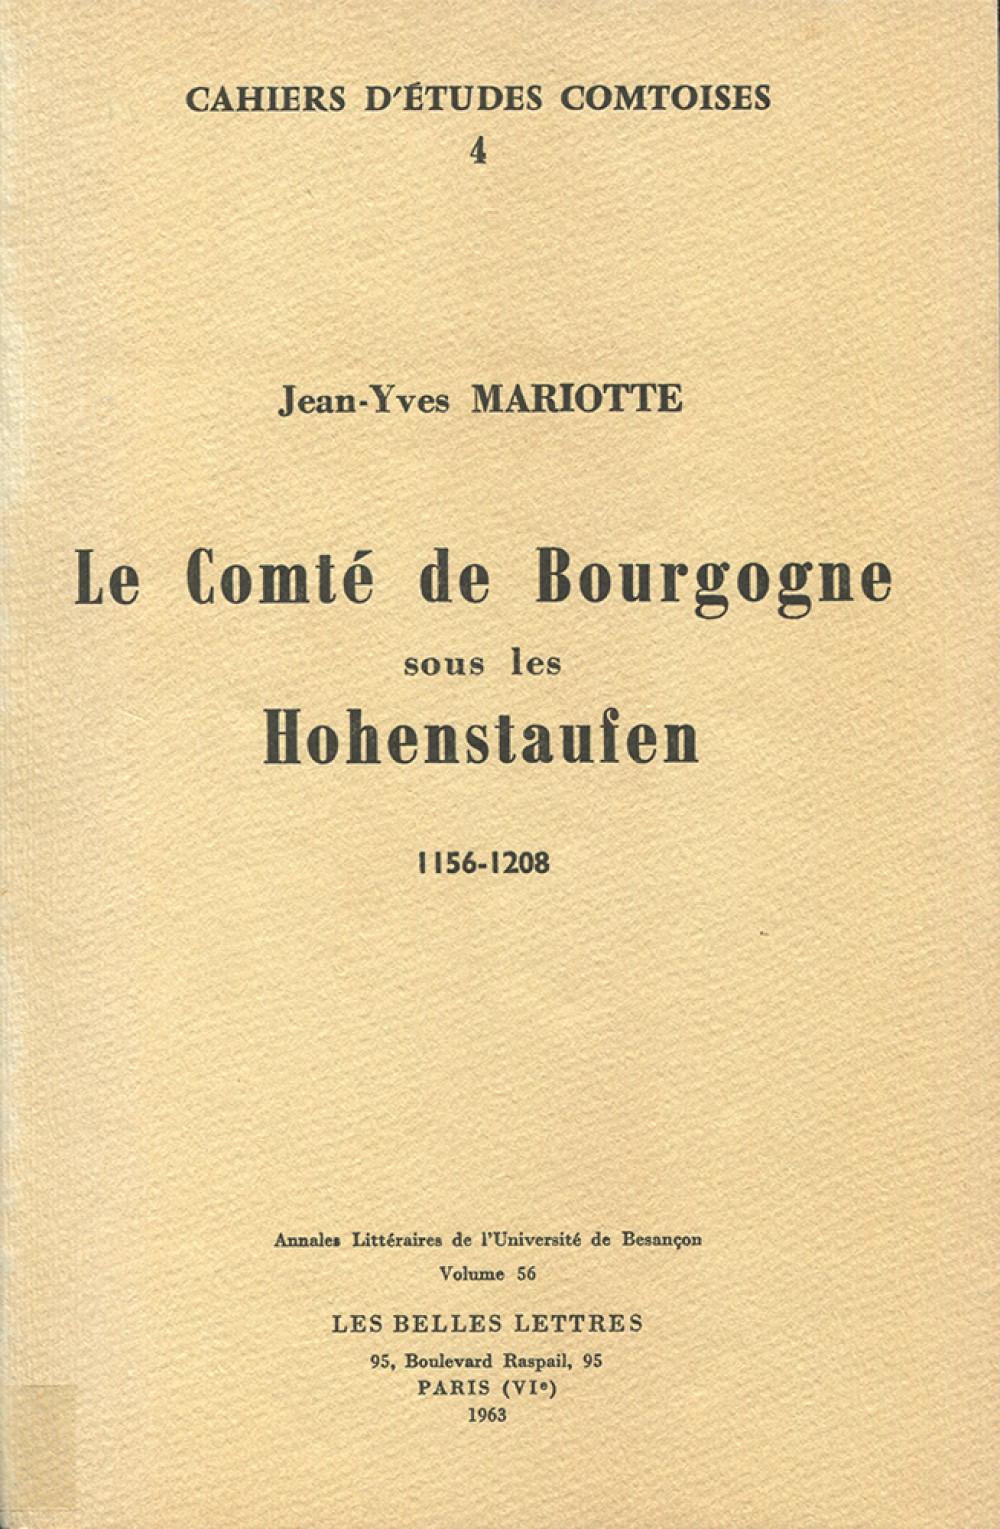 Le comté de Bourgogne sous les Hohenstaufen (1156-1208)